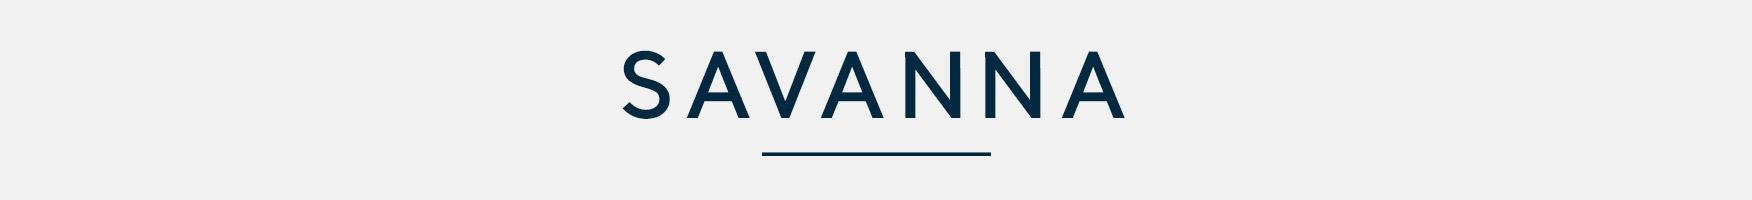 Headline_Savanna.jpg